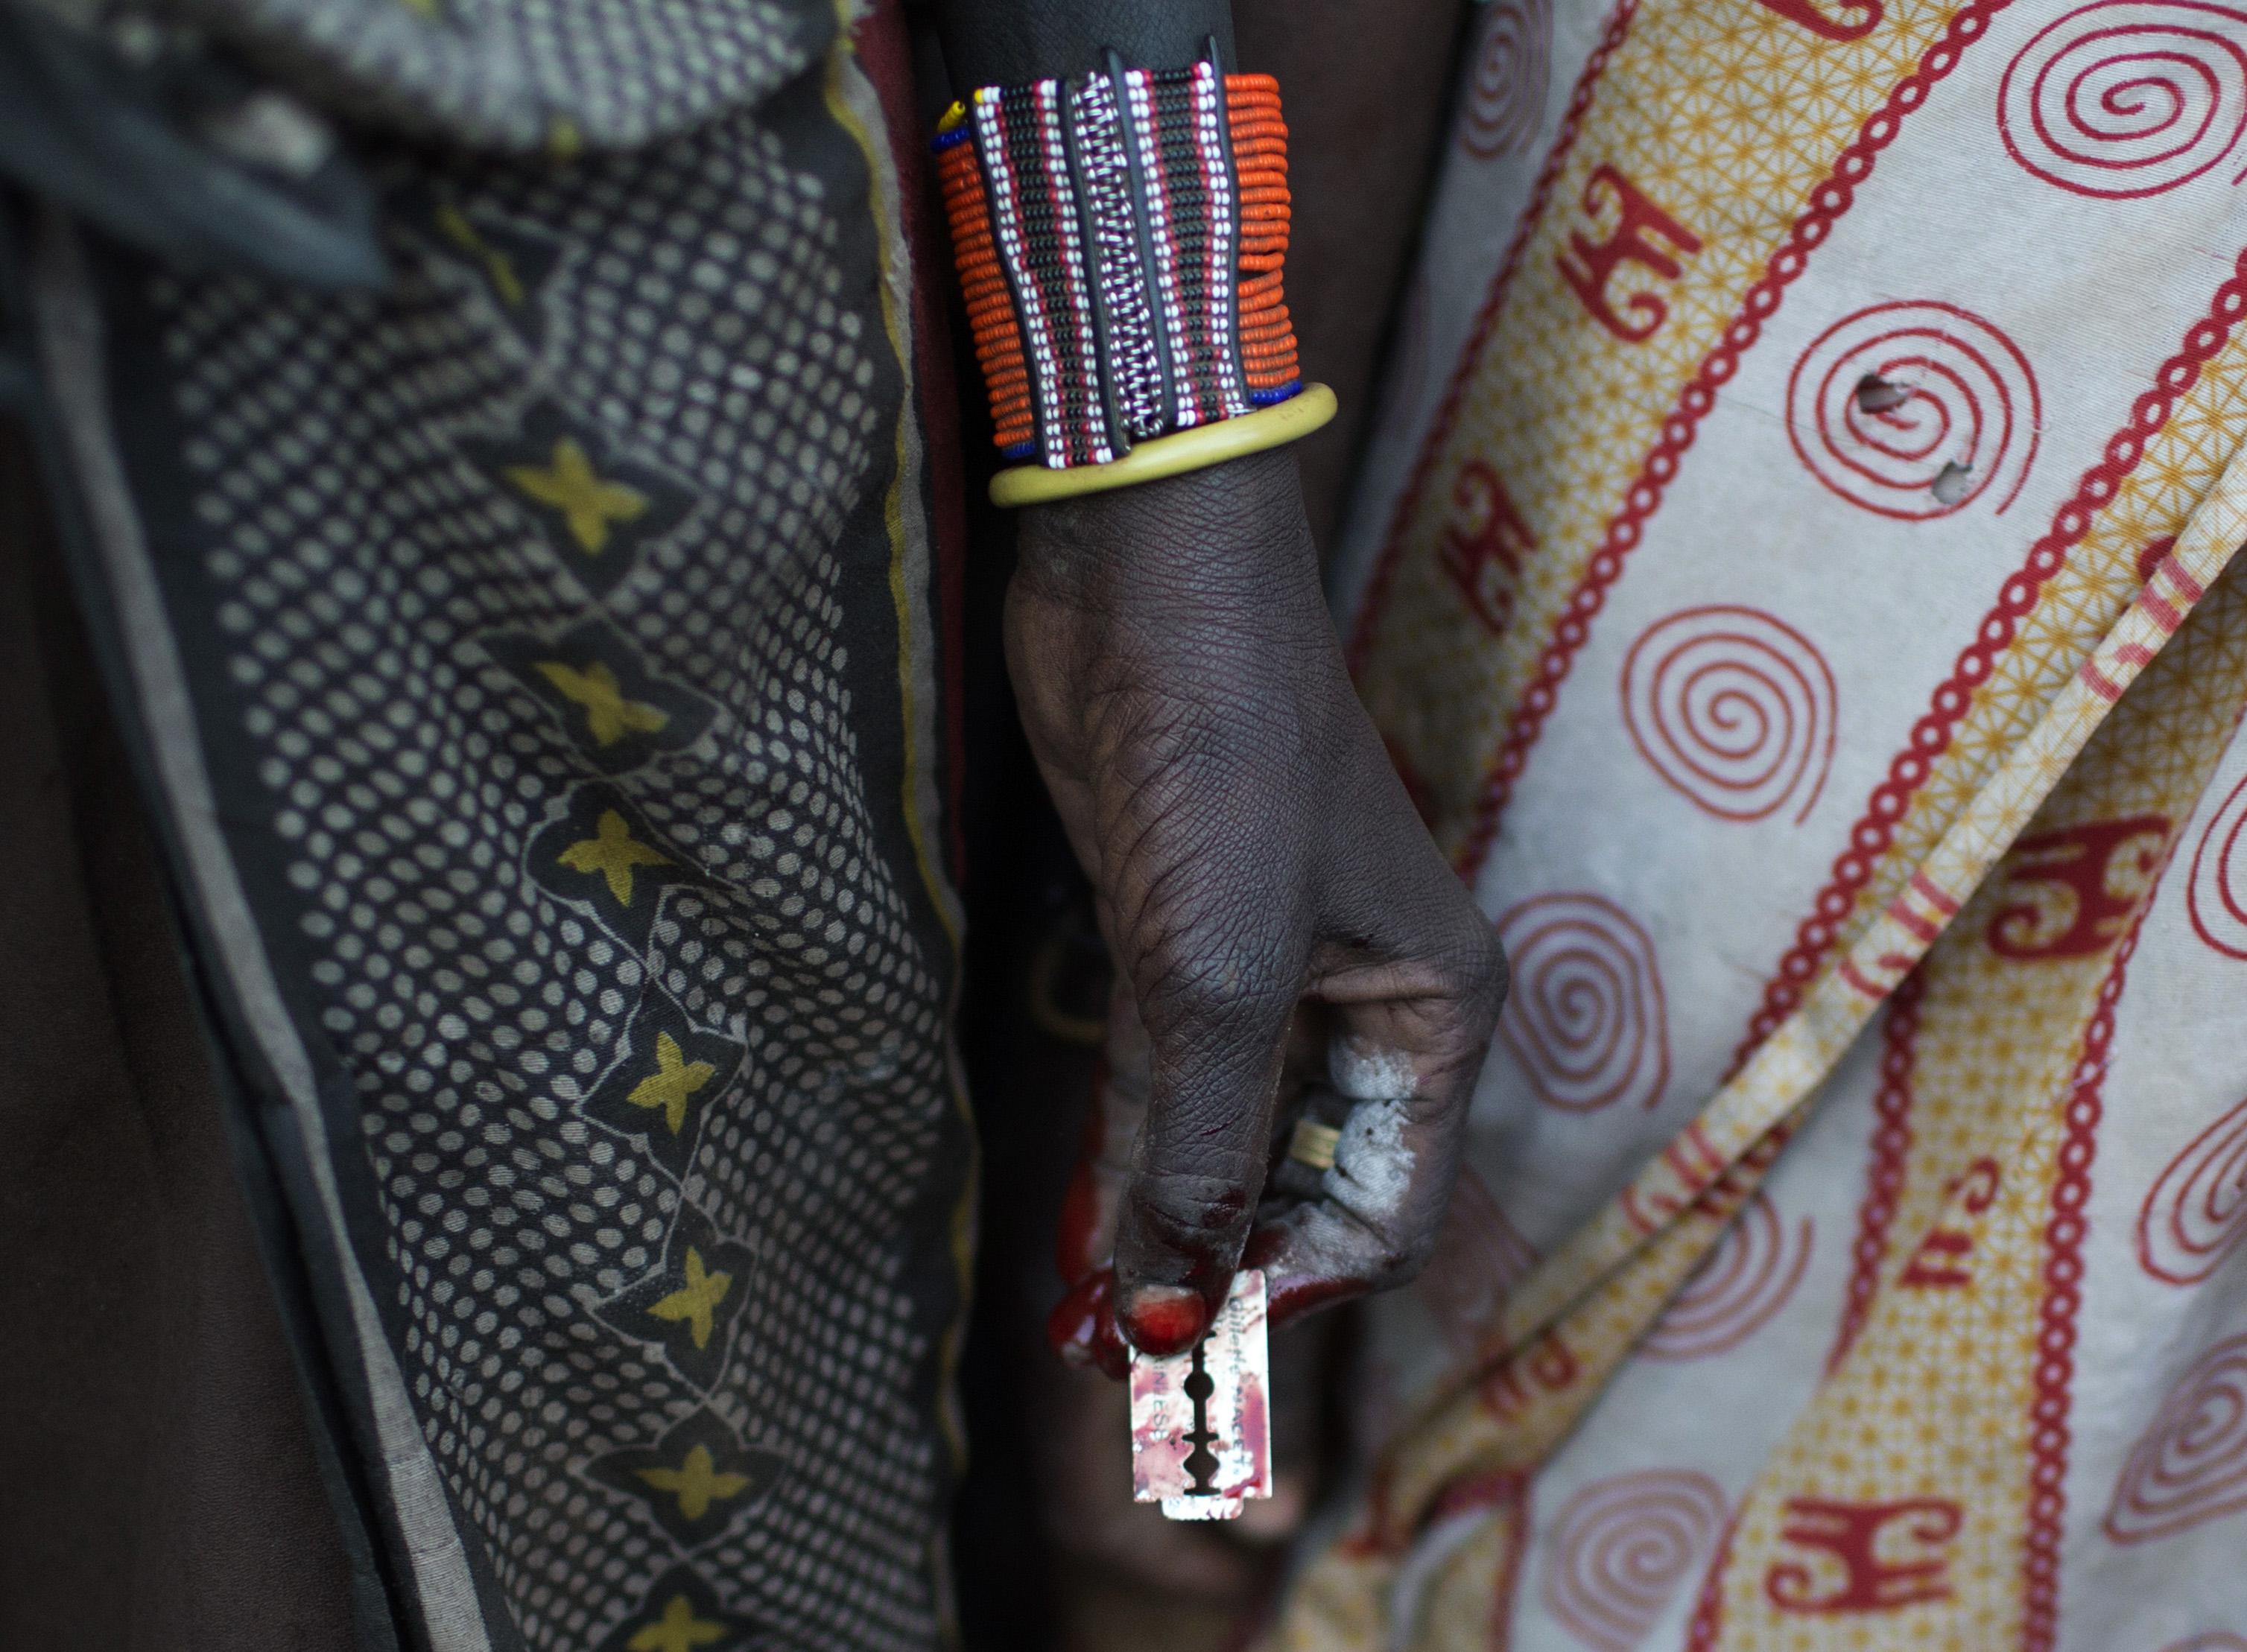 Žena iz plemena Pokot u ruci drži žilet za obrezivanje djevojčica u gradu Marigatu u Keniji